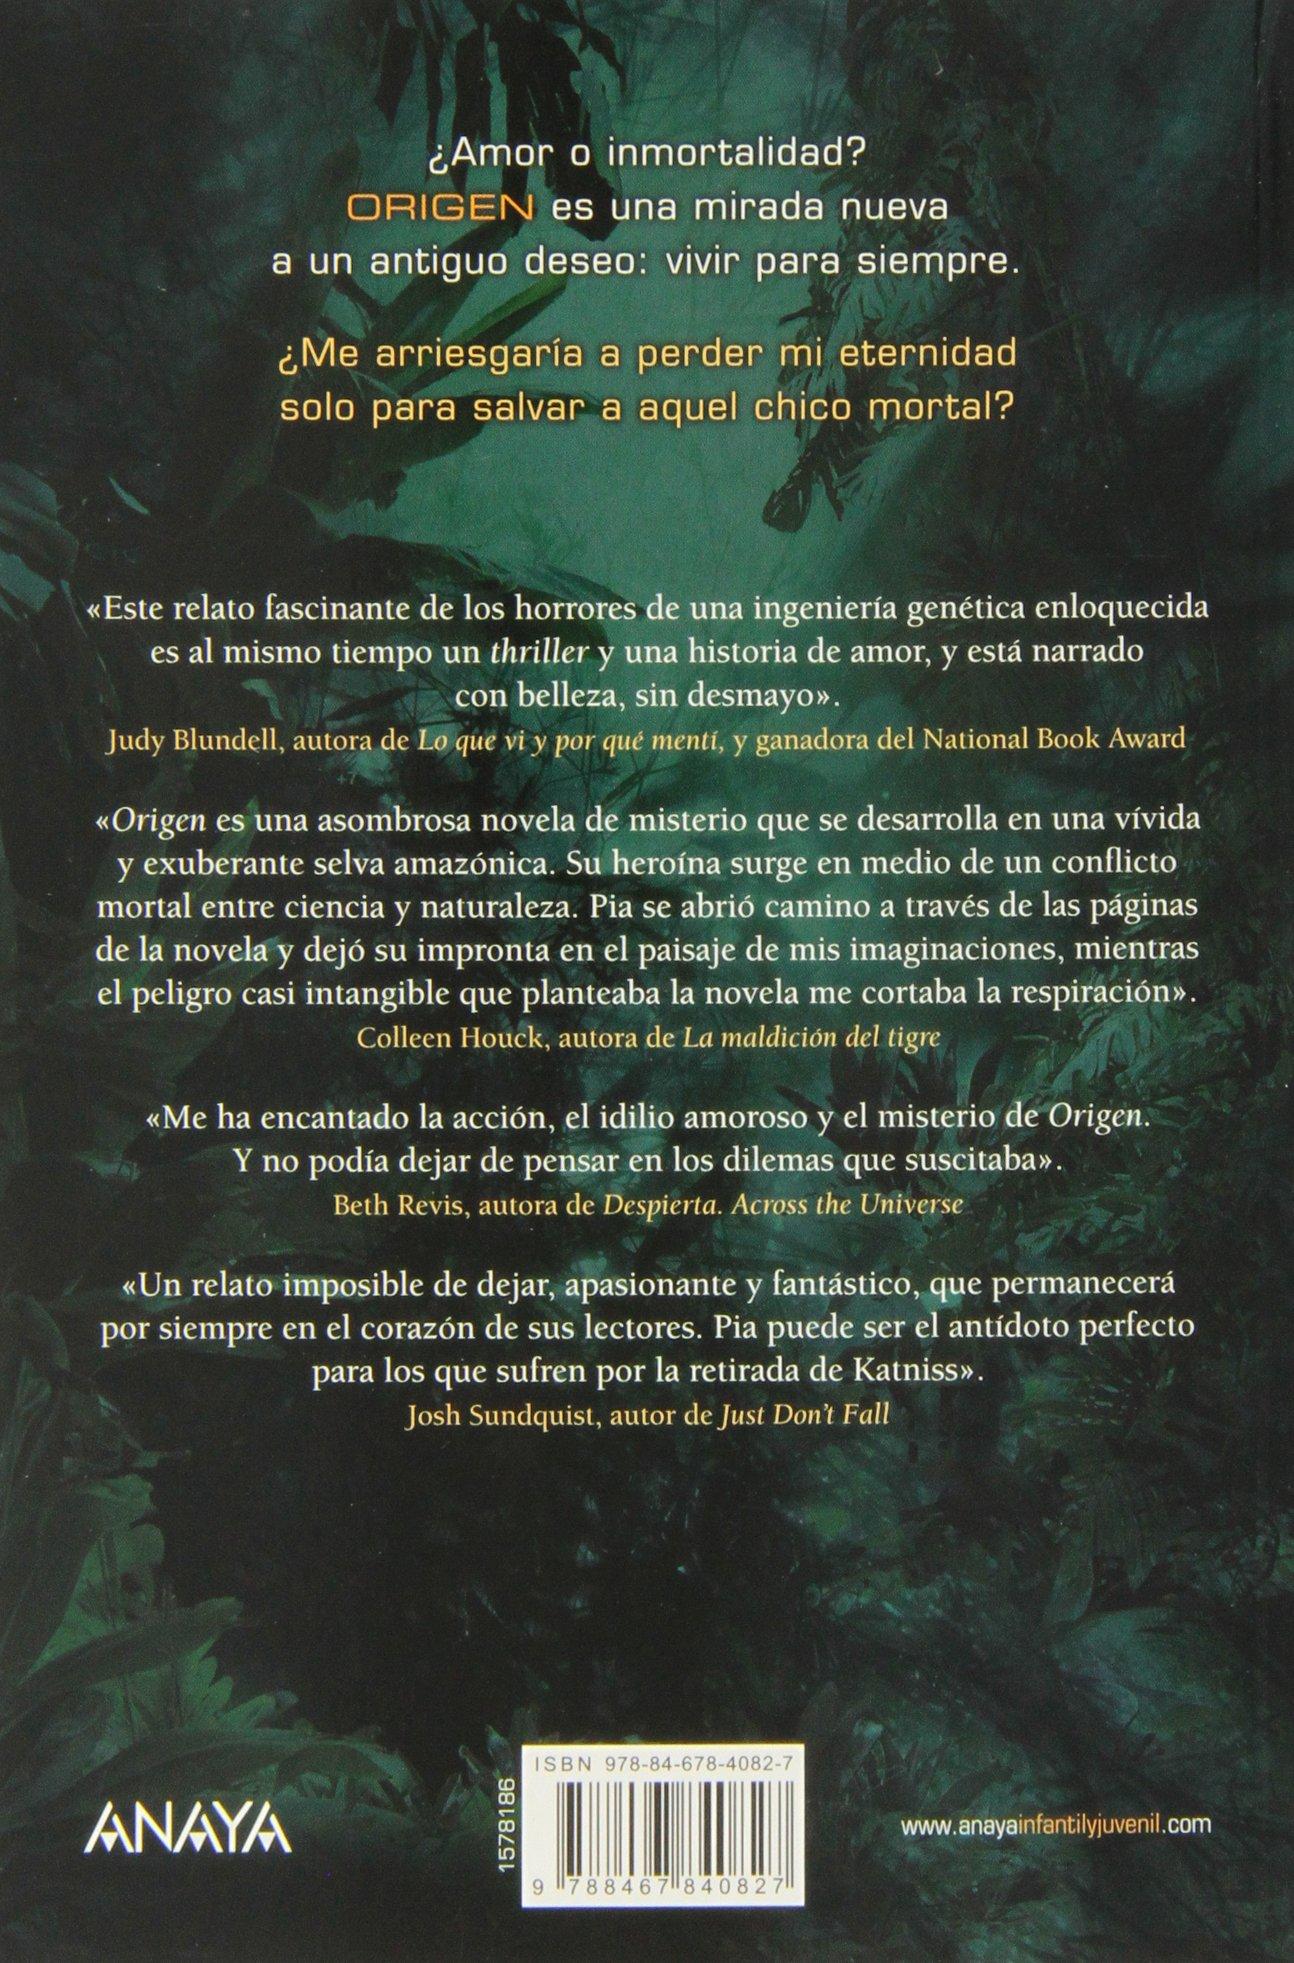 Origen Literatura Juvenil A Partir De 12 Años - Narrativa Juvenil: Amazon.es: Jessica Khoury, Adolfo Muñoz García: Libros